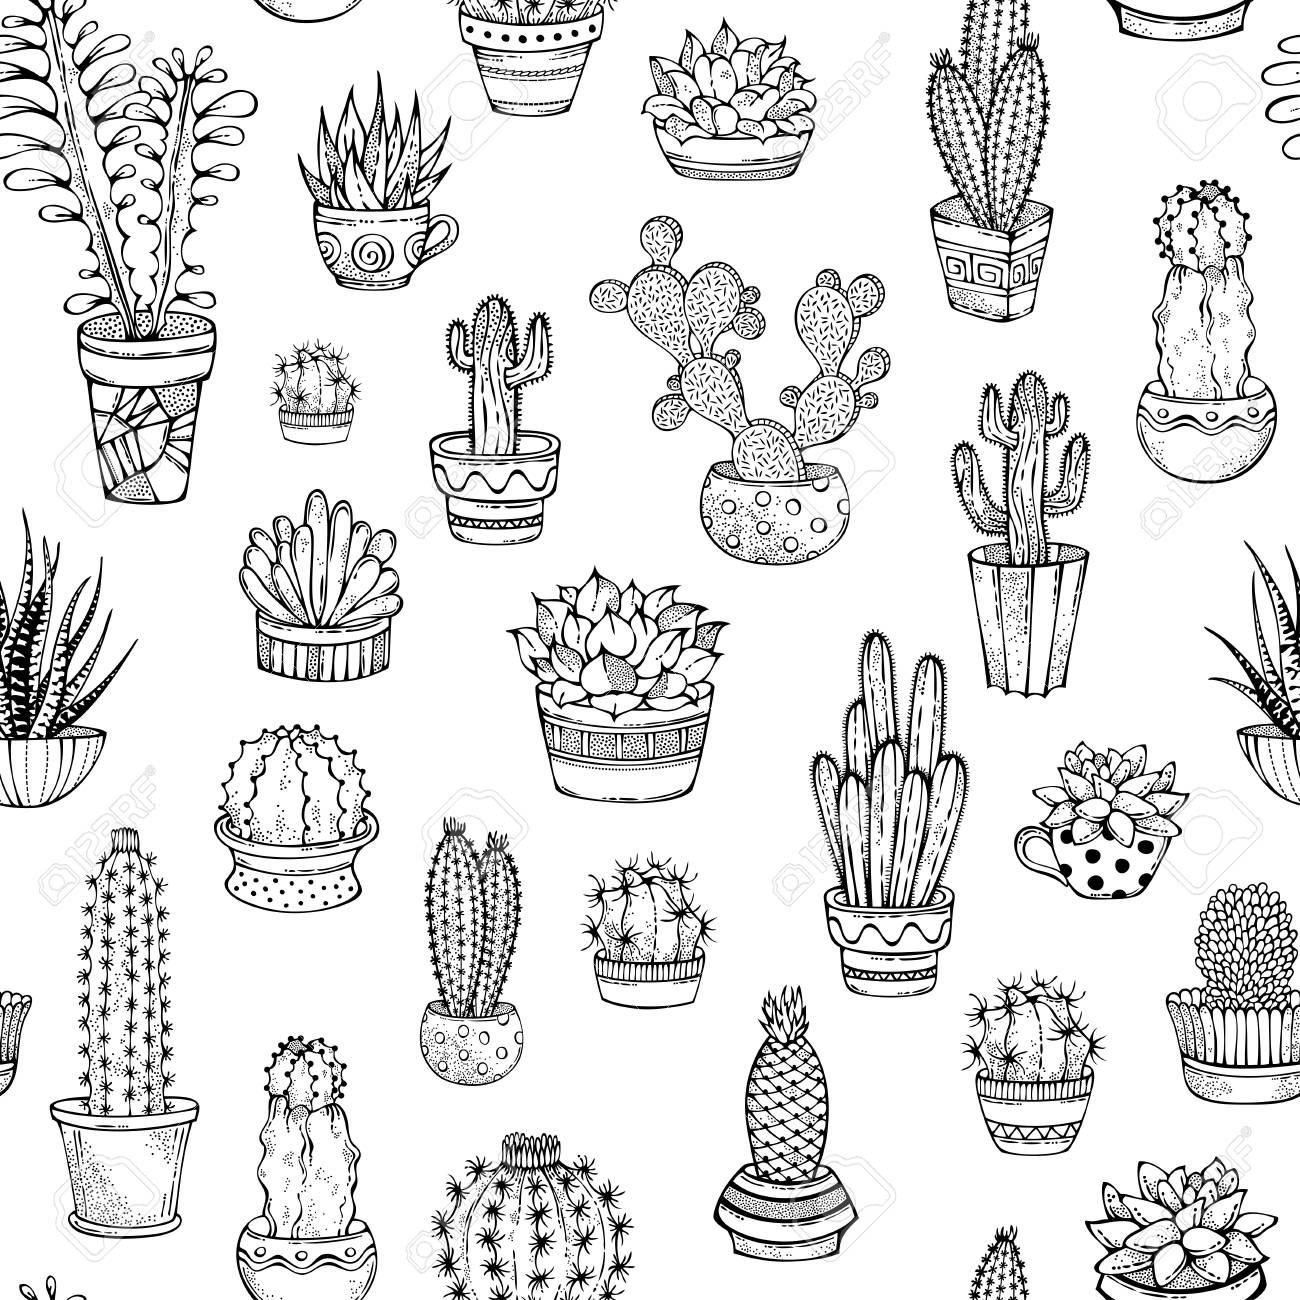 Varios Cactos Com Espinhos E Flores Em Vasos De Flores Ou Copos